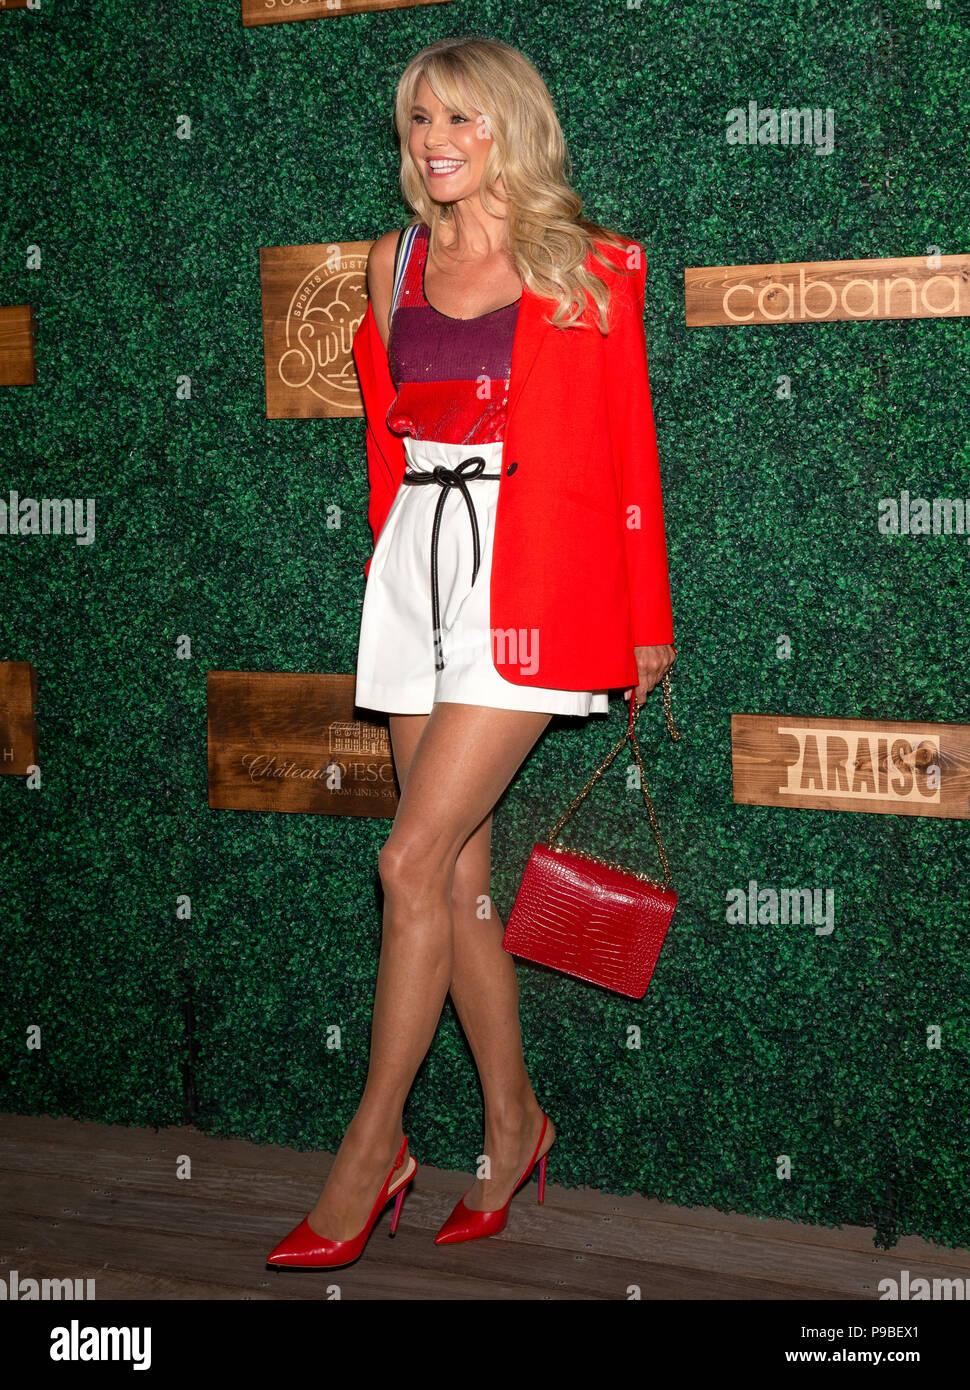 MIAMI, FL - 15 de julio: Christie Brinkley atiende el 2018 Sports Illustrated Swimsuit show en Paraiso en Miami Swim semana en el Hotel W South Beach Foto de stock